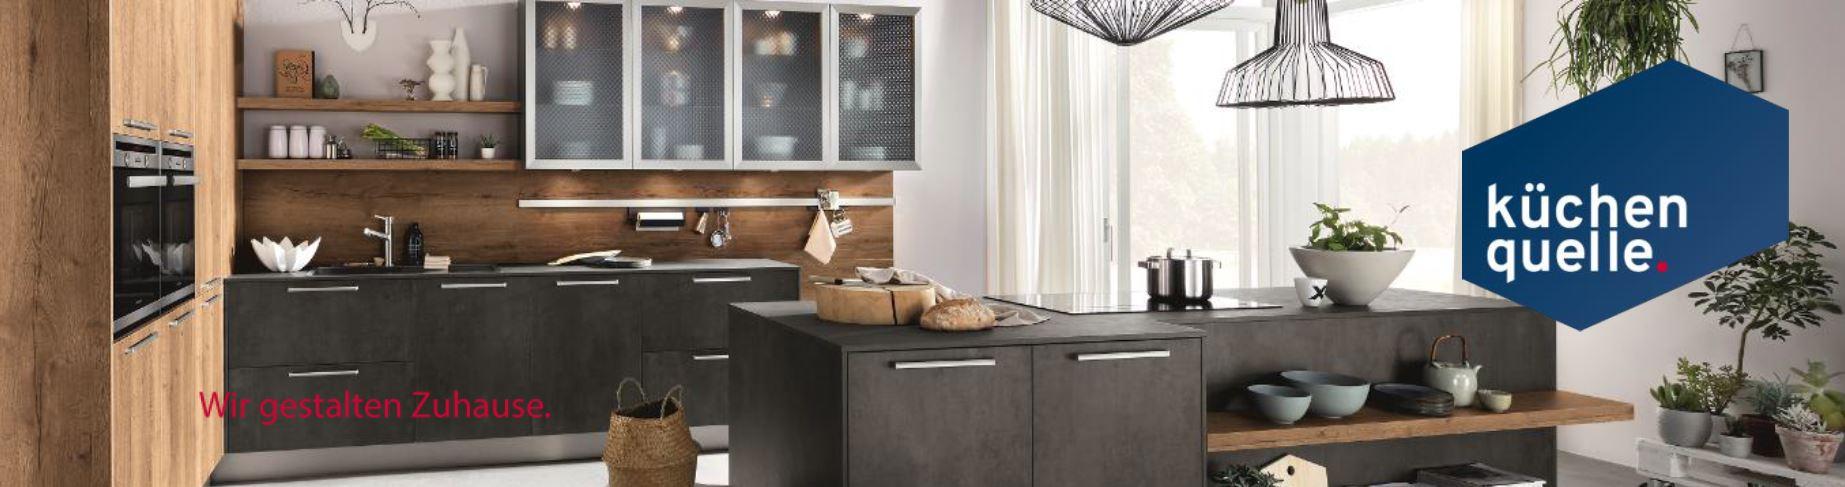 Full Size of Kchenquelle Küchen Regal Wohnzimmer Küchen Quelle